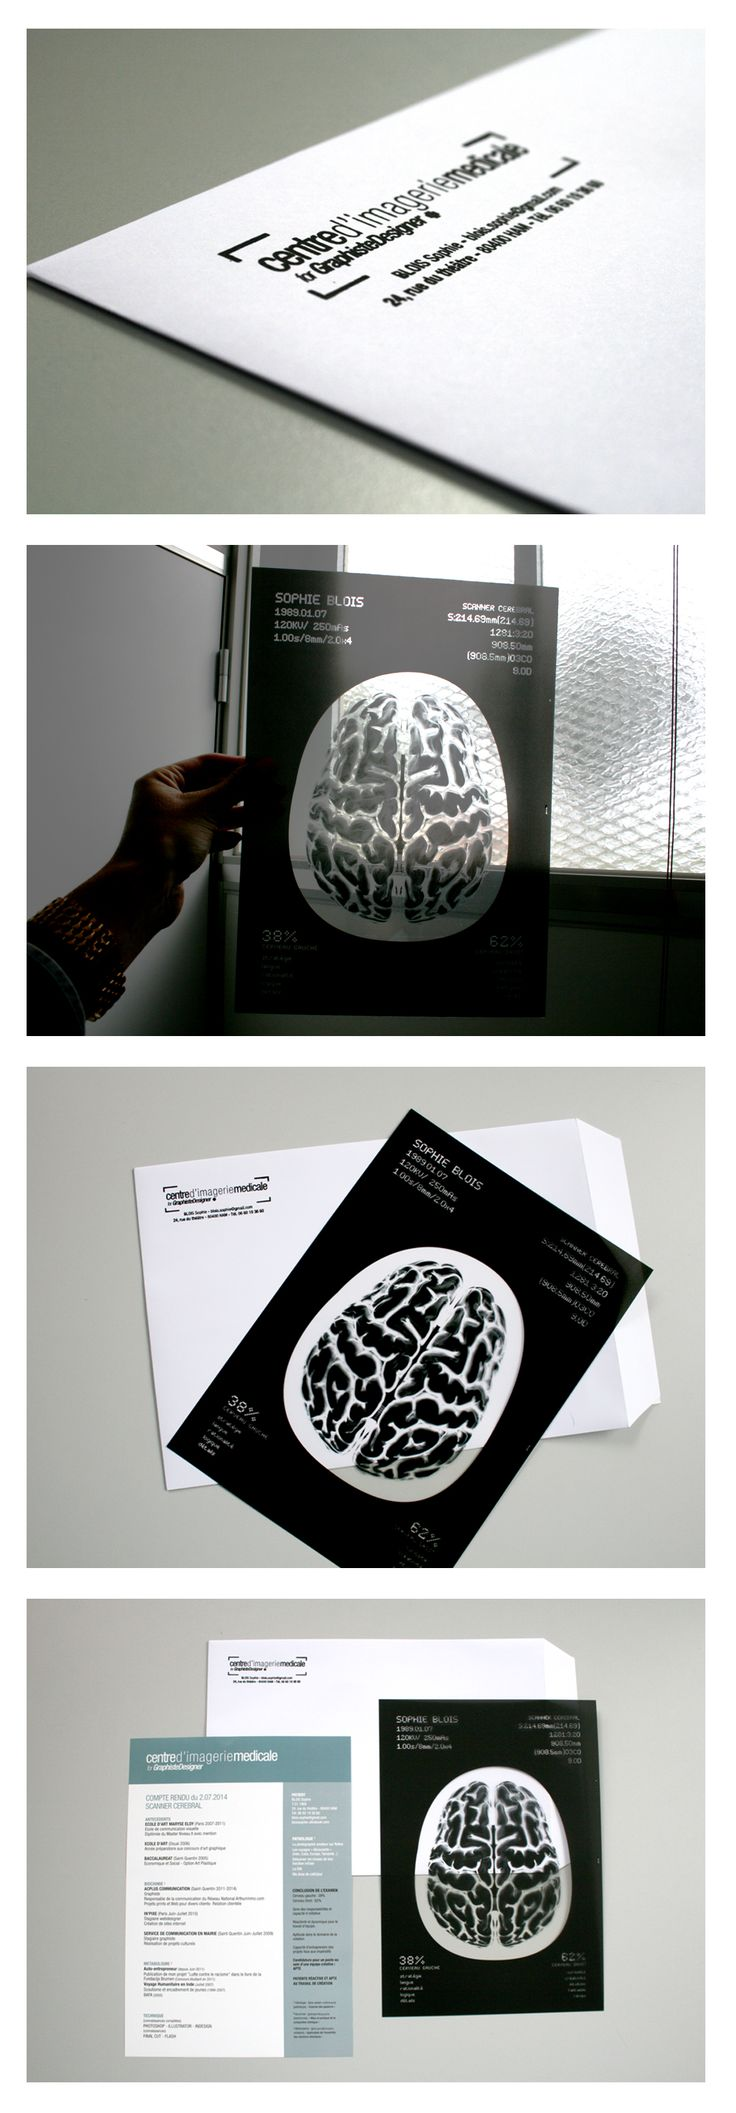 Centre d'imagerie médicale for Graphiste/Designer                                                                                                                                                                                 Plus